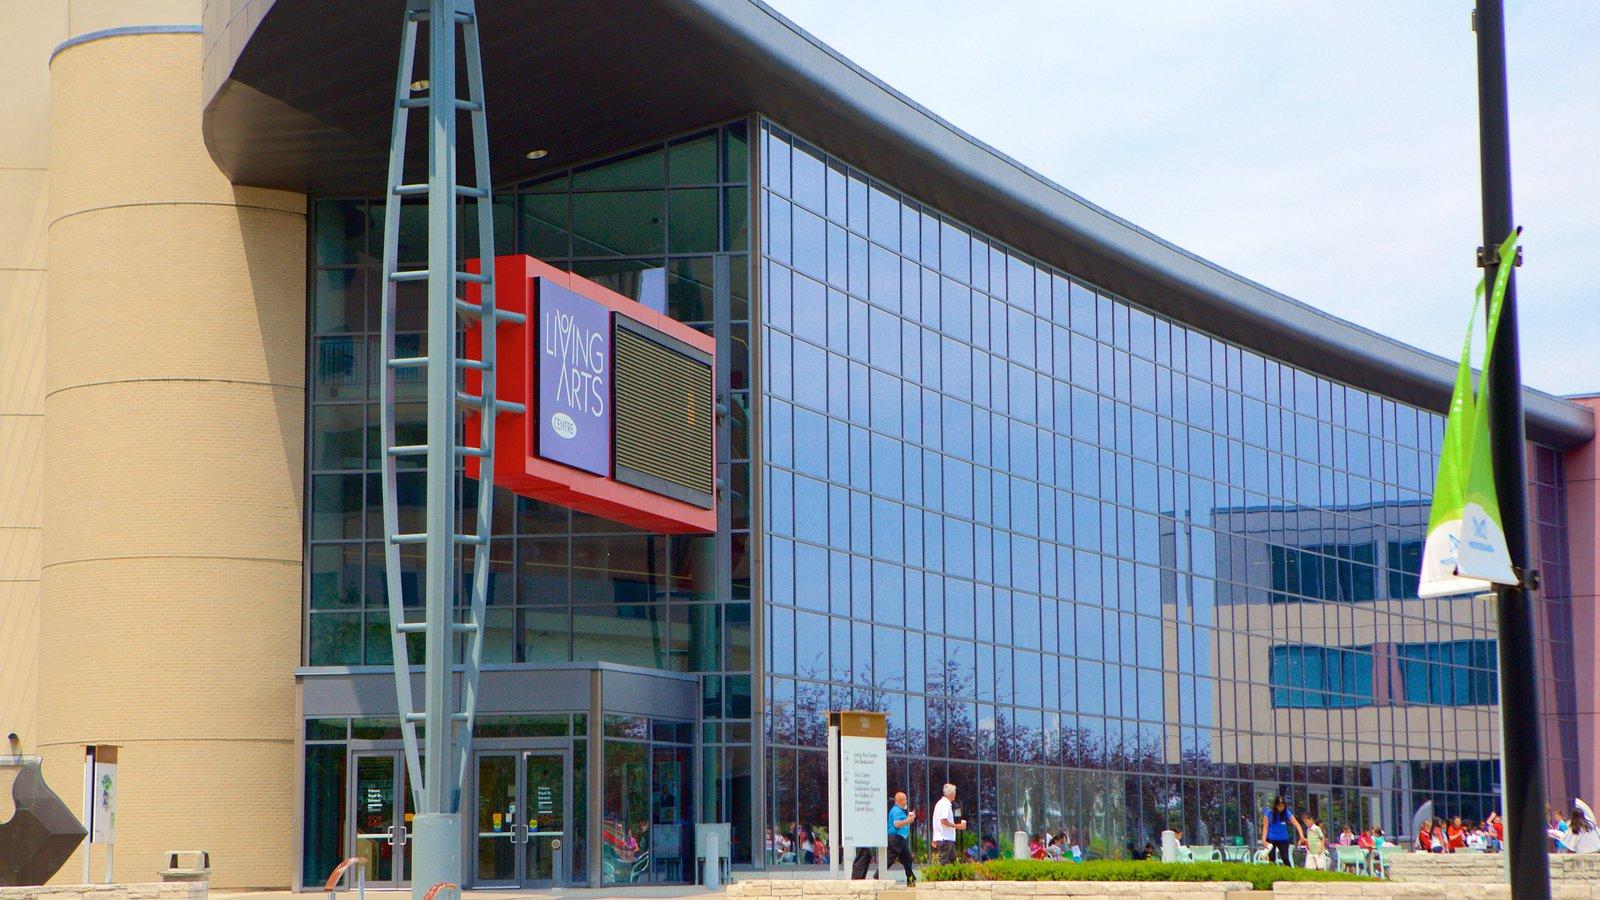 Living Arts Centre mostrando arquitetura moderna